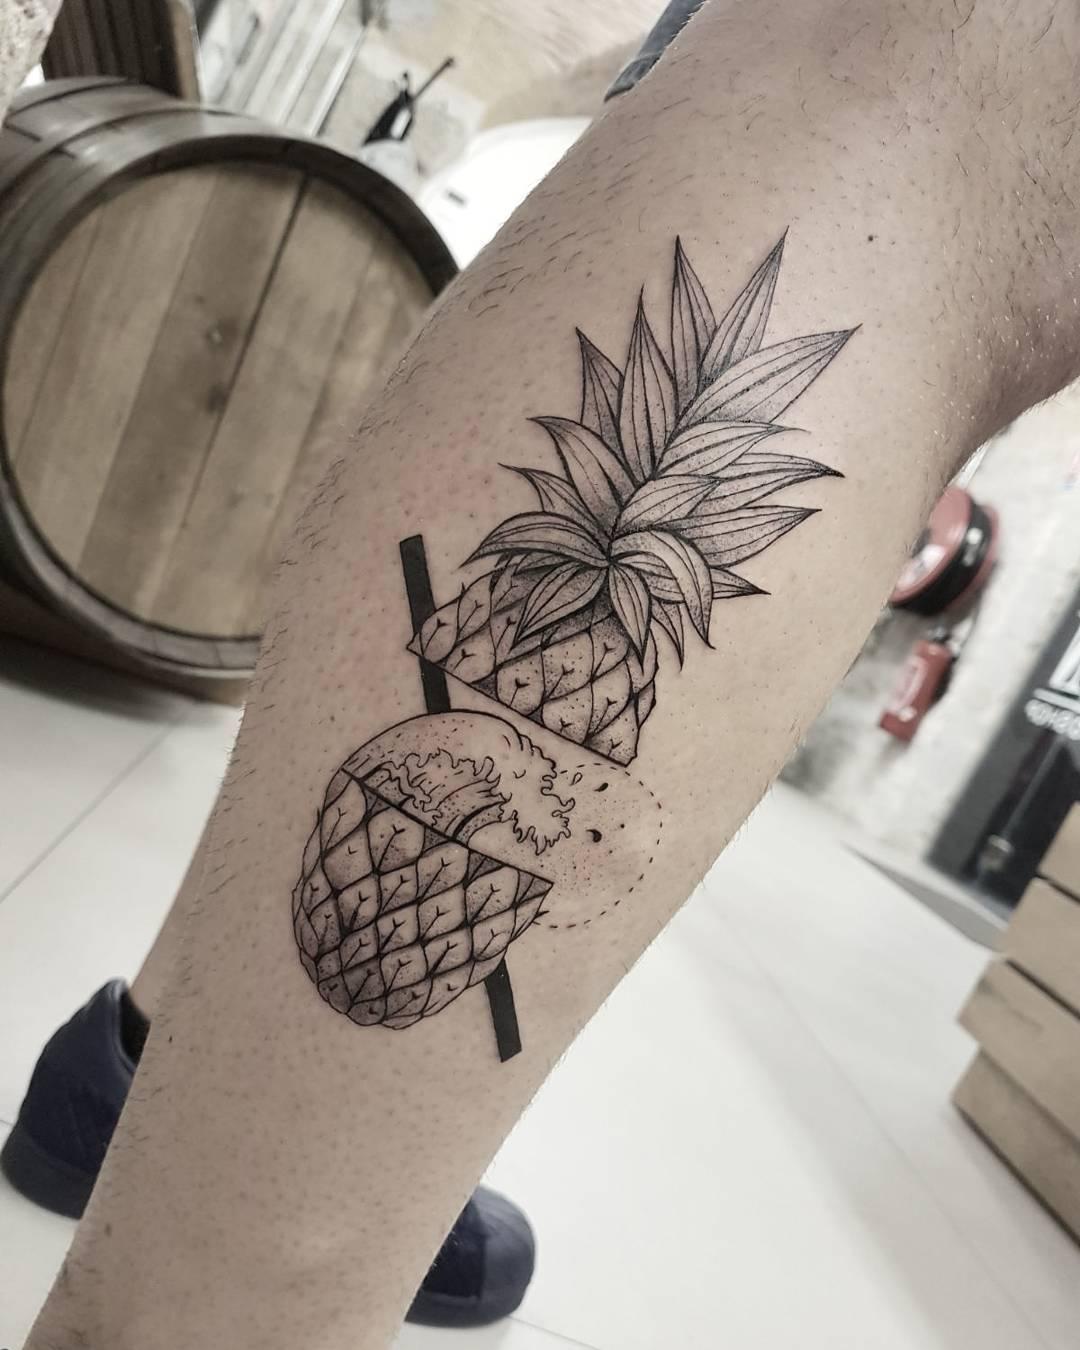 Pineapple Tattoo by Nëss Cerciello